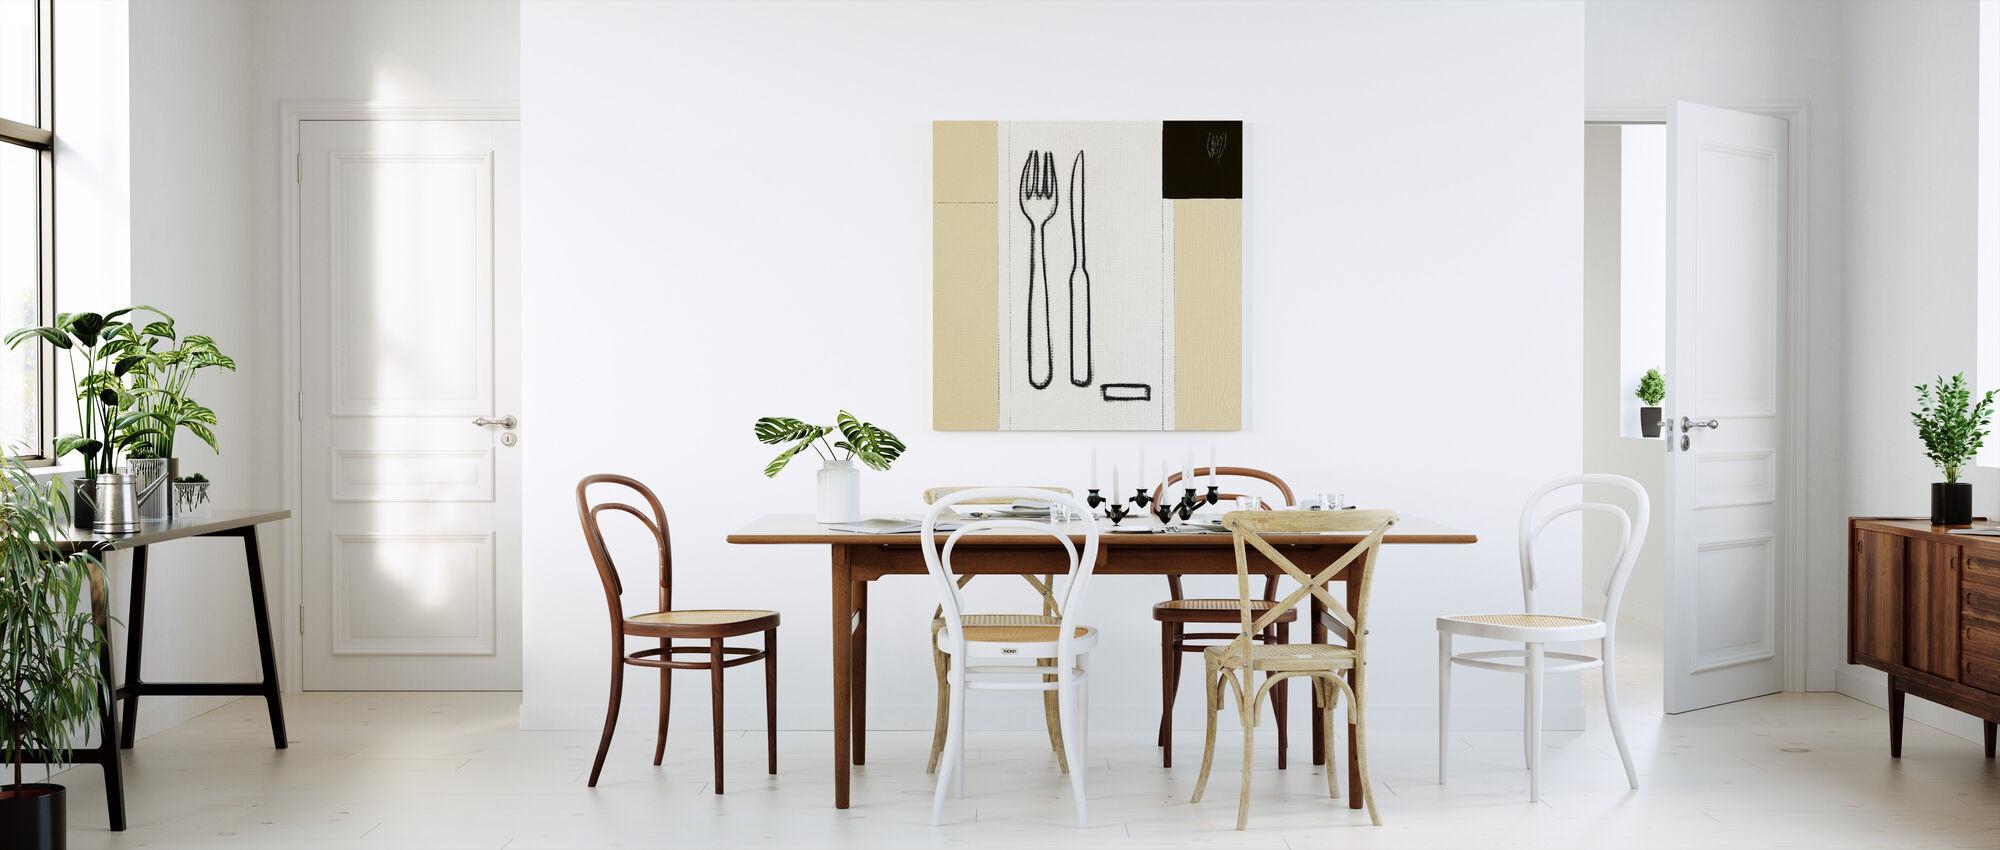 Widelec i nóż - Obraz na płótnie - Kuchnia